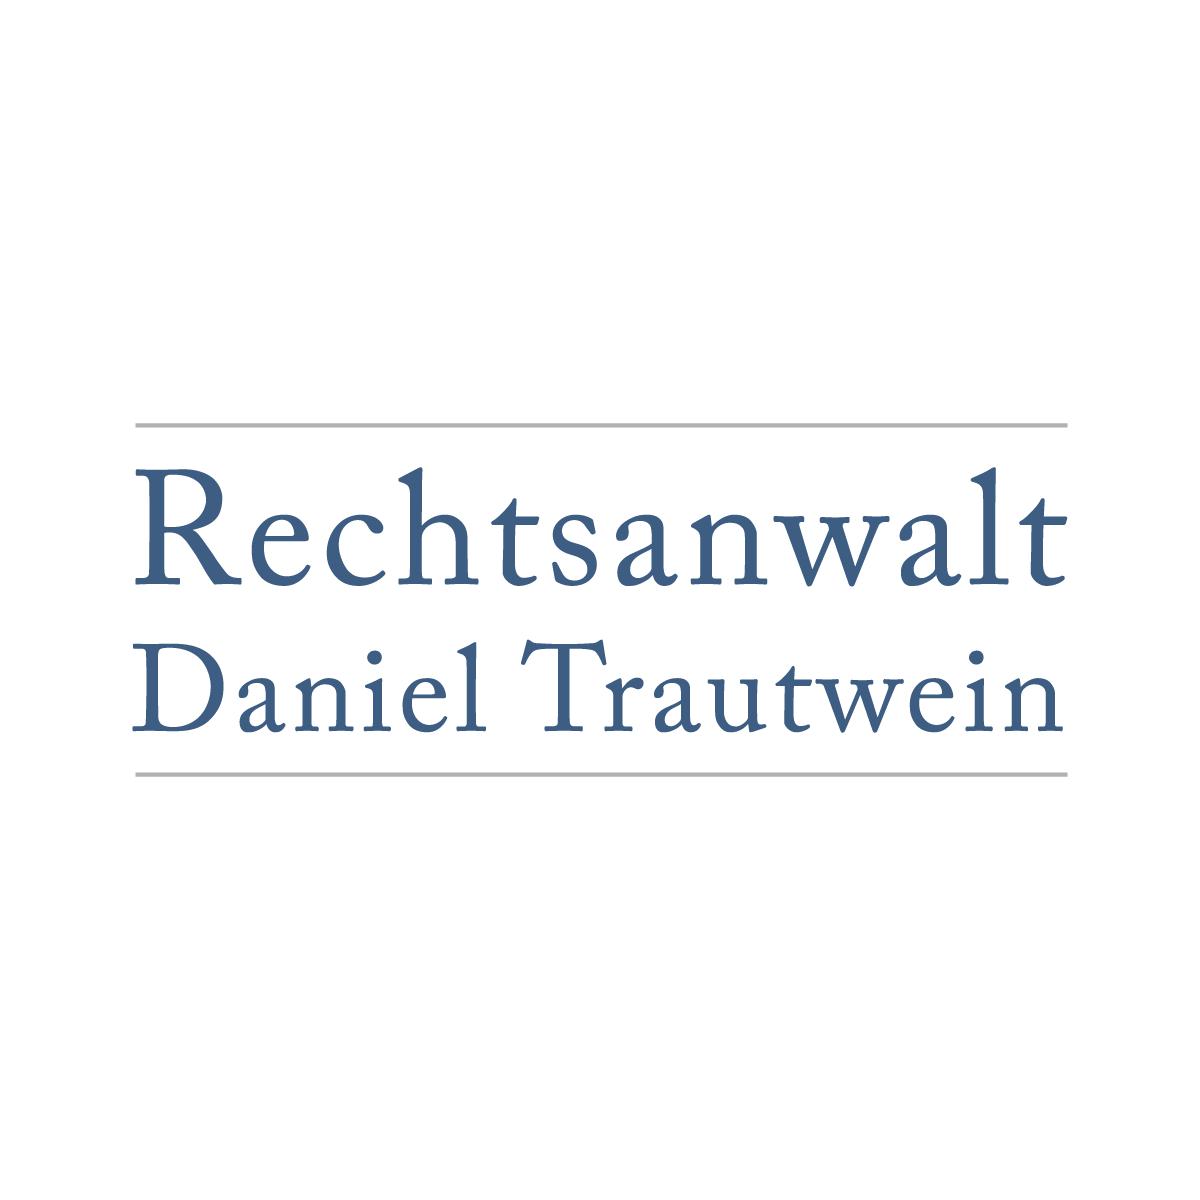 Bild zu Rechtsanwalt Daniel Trautwein in Bitterfeld Wolfen